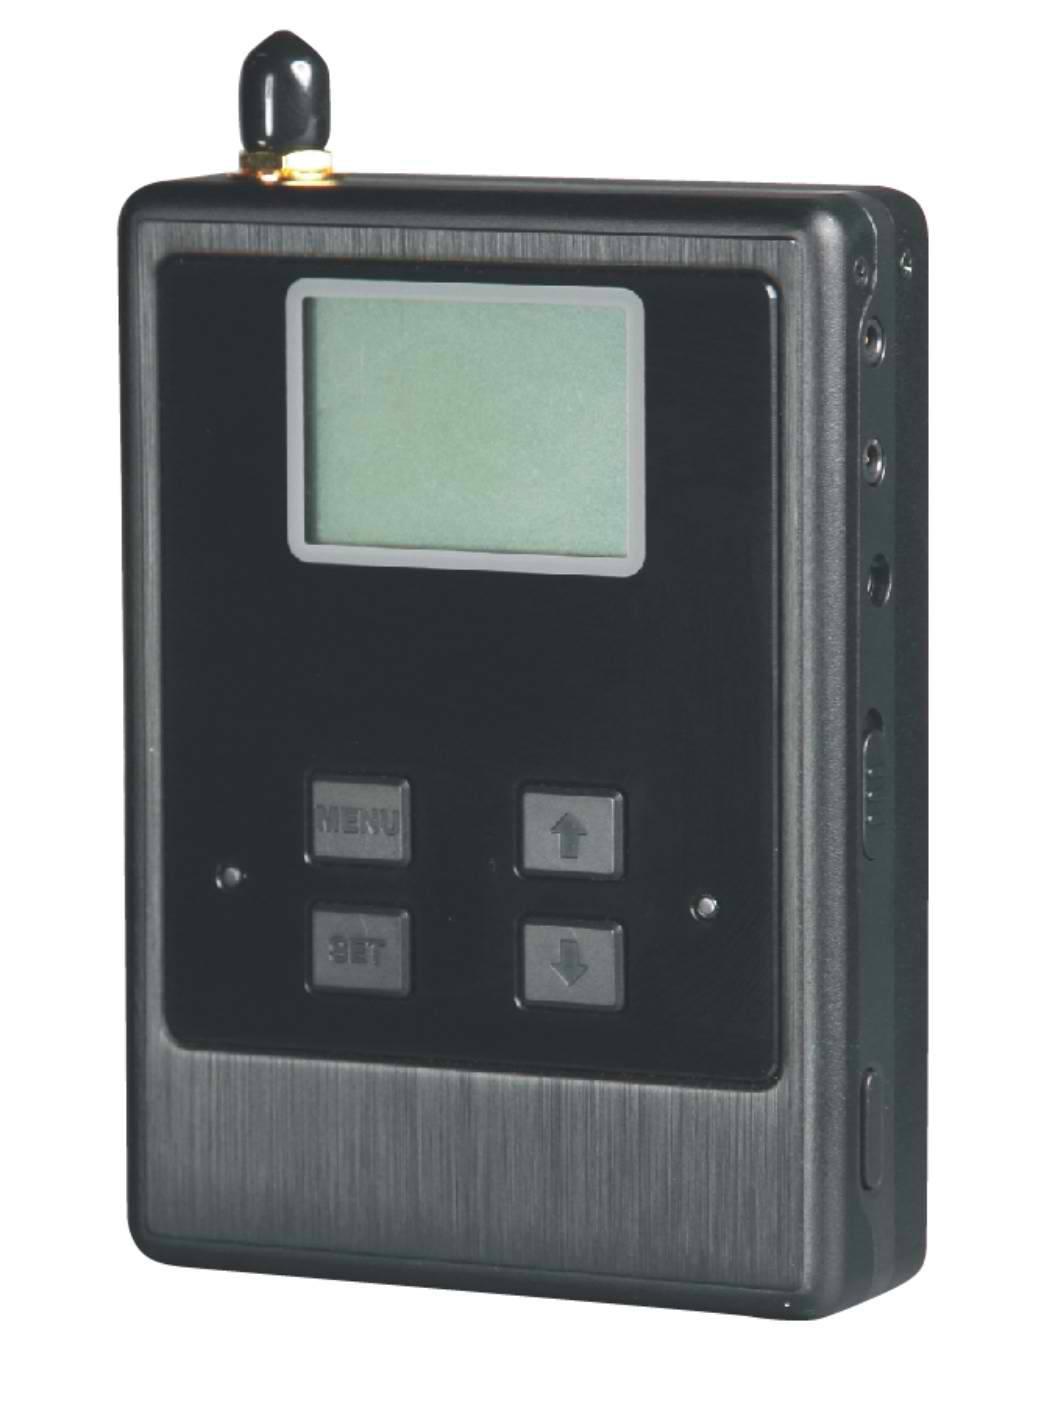 lehallgató detektor poloska kereső készülék lehallgató kereső